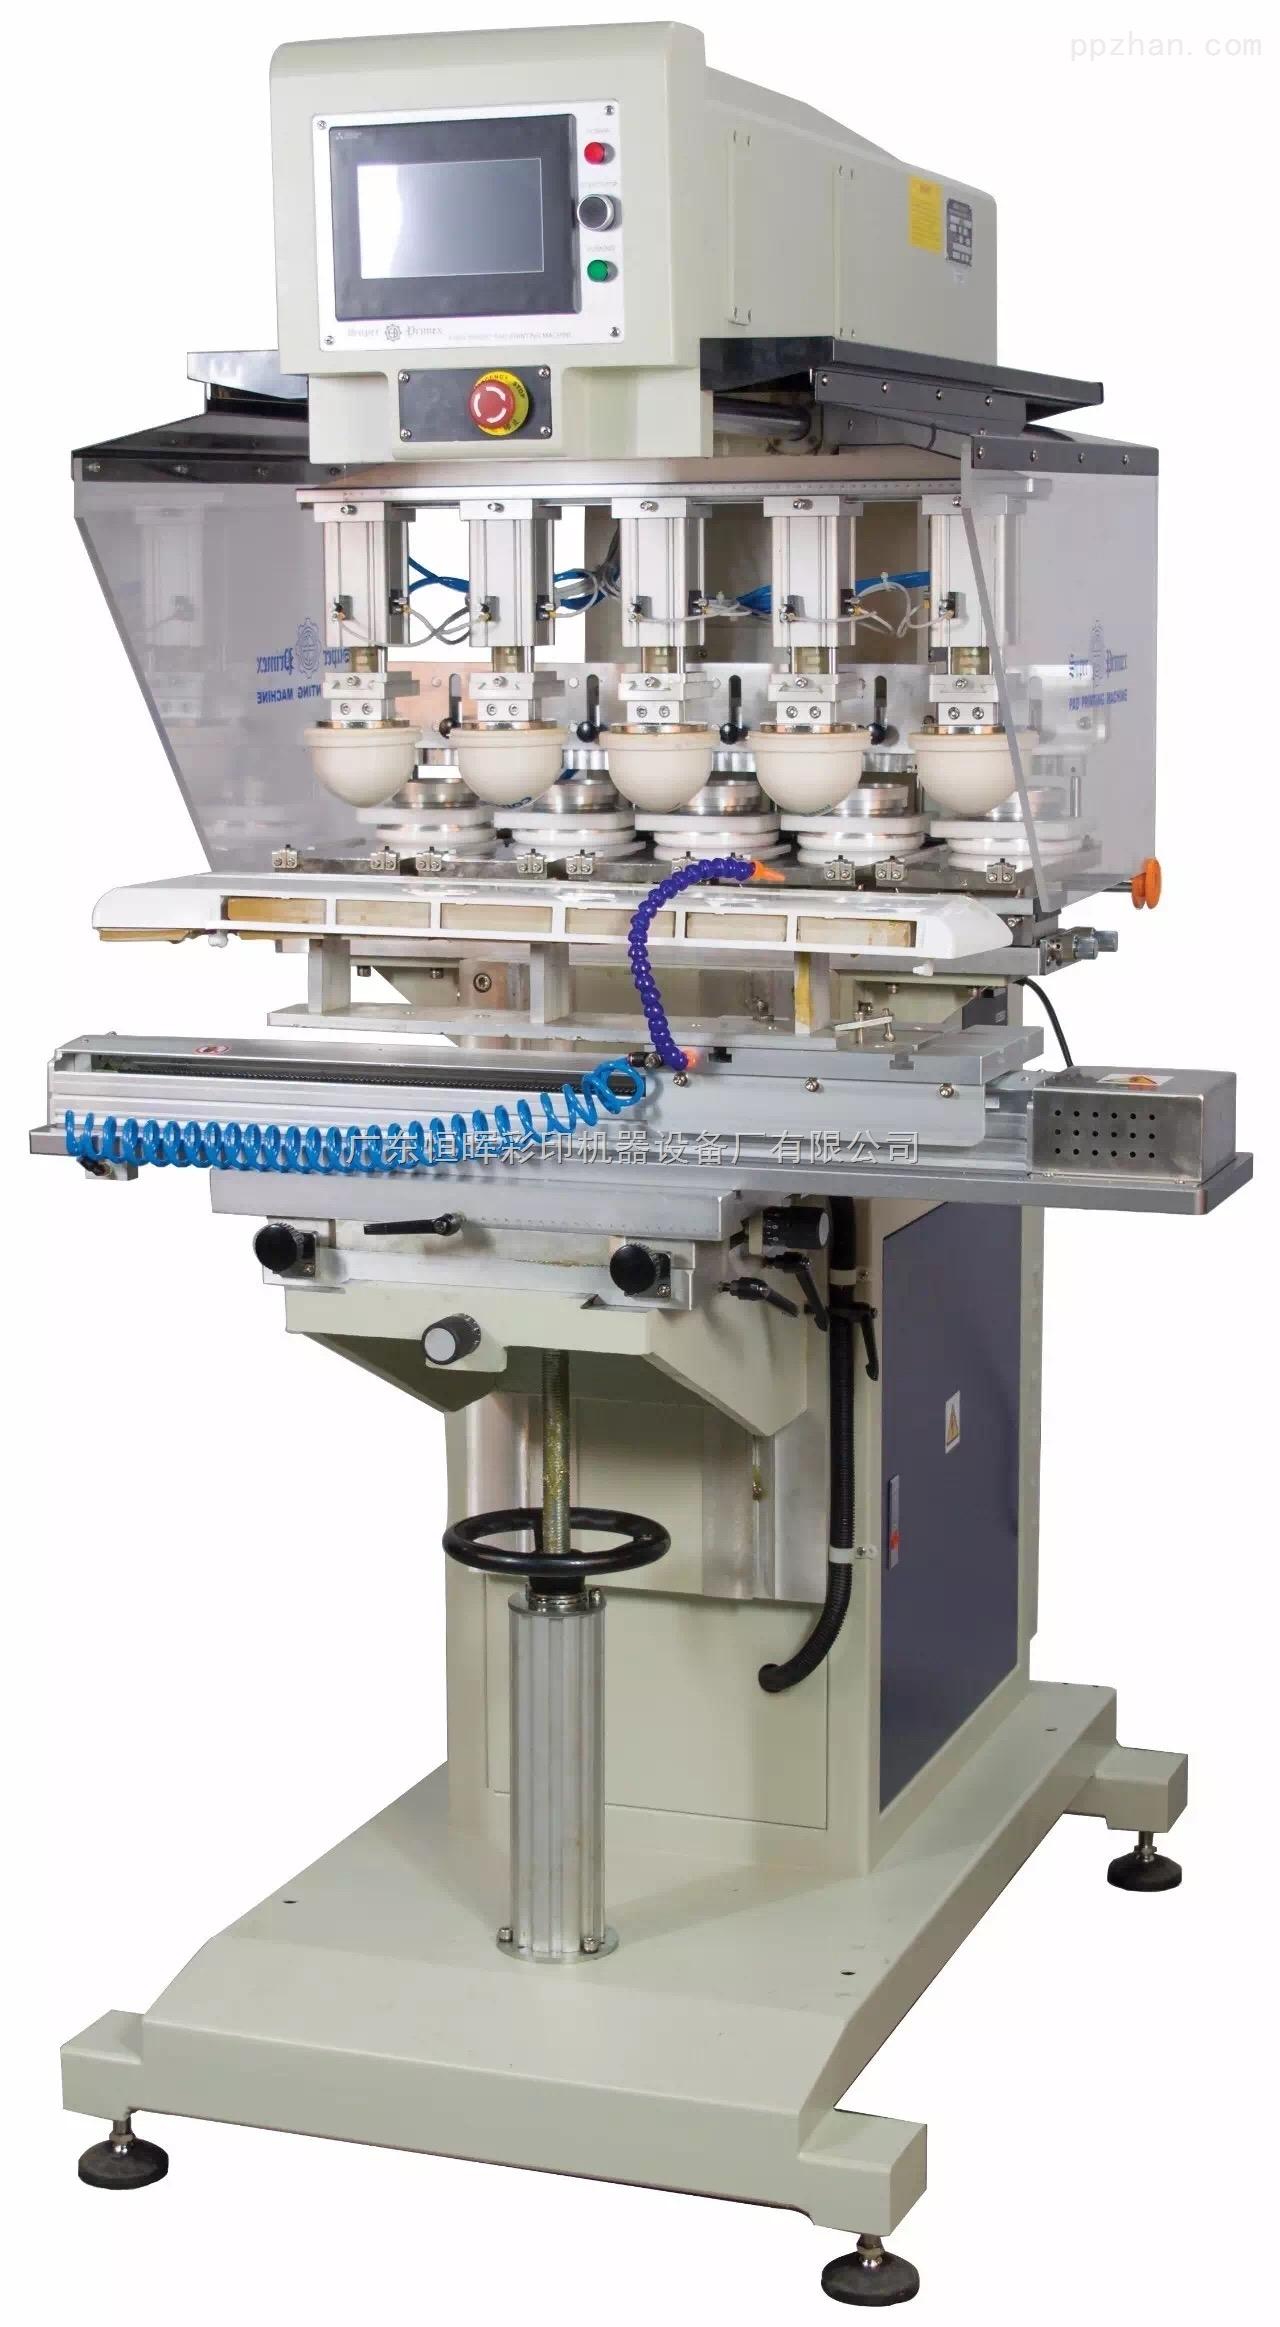 独立印头伺服穿梭五色挂式油盅移印机(PLC)